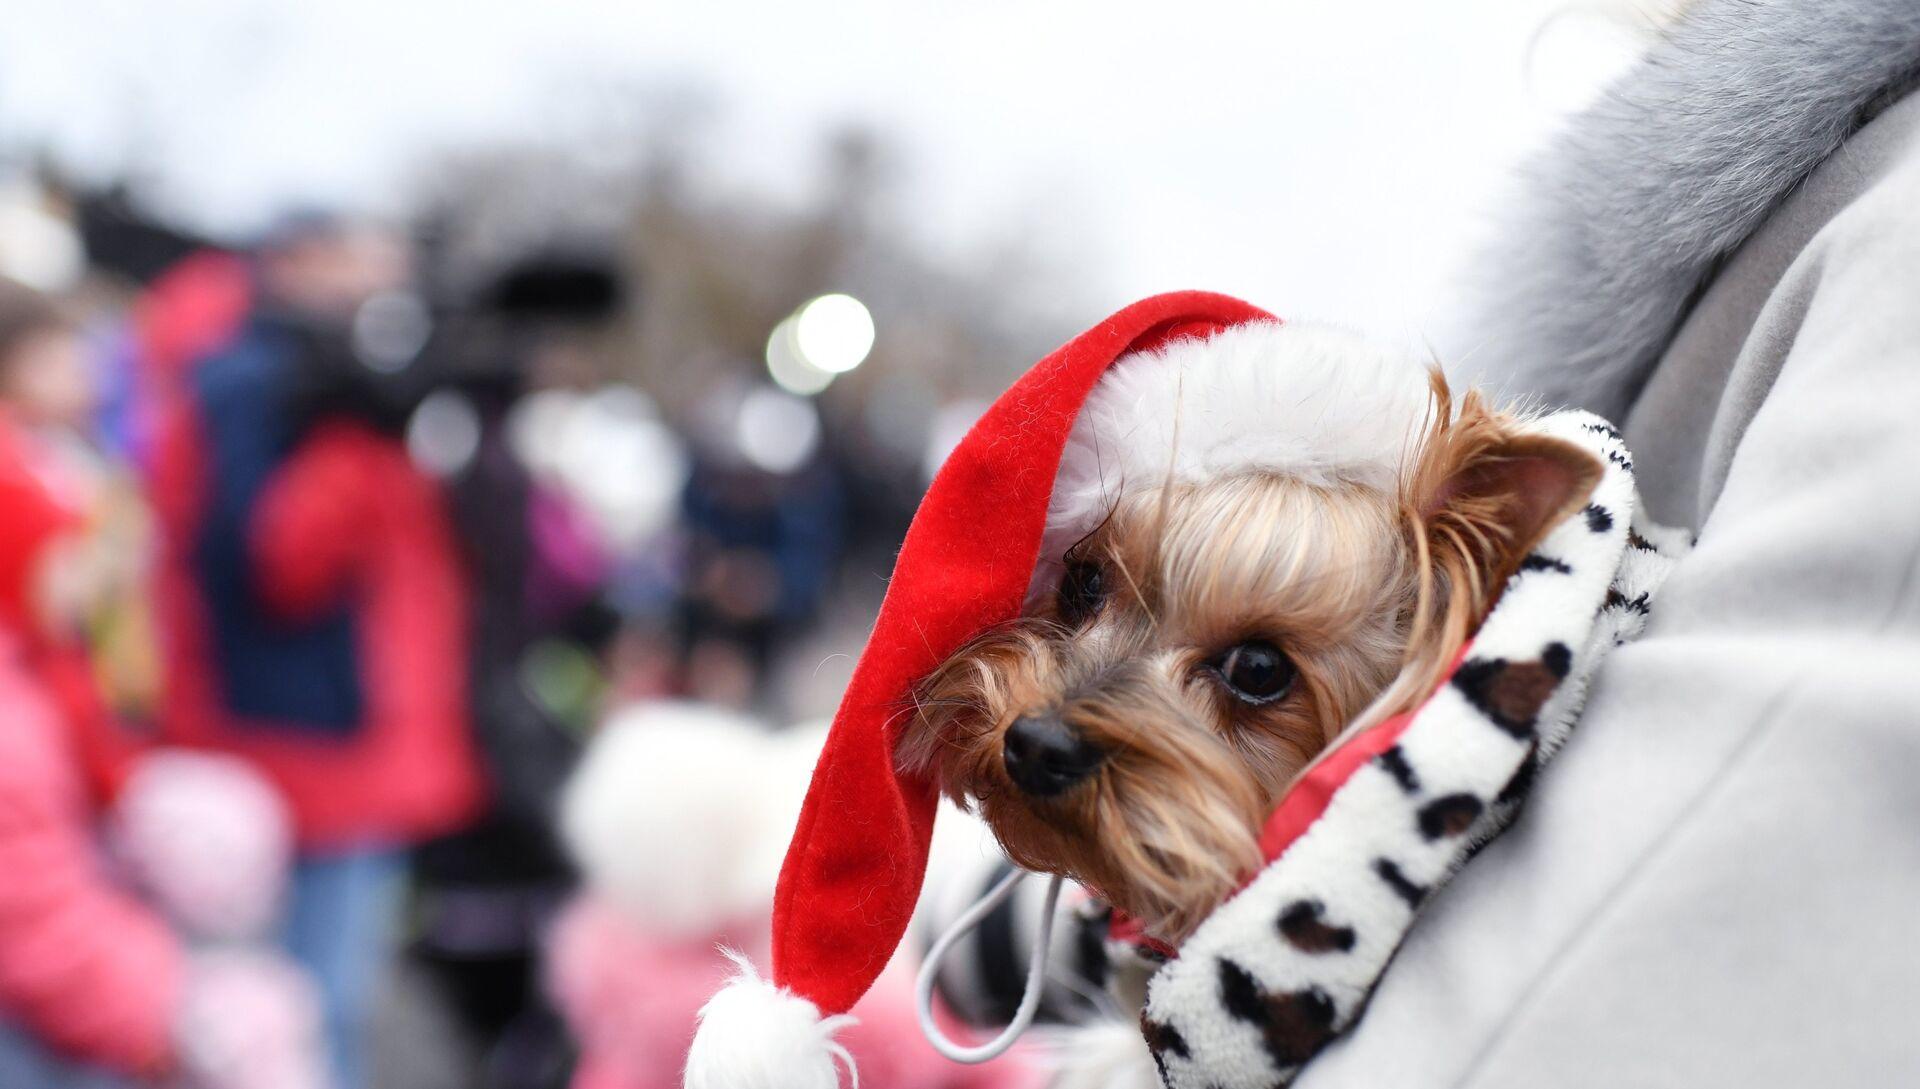 Собака-участница конкурса Санта Клаус отдыхает – на арене Дед Мороз в Евпатории - РИА Новости, 1920, 19.11.2020